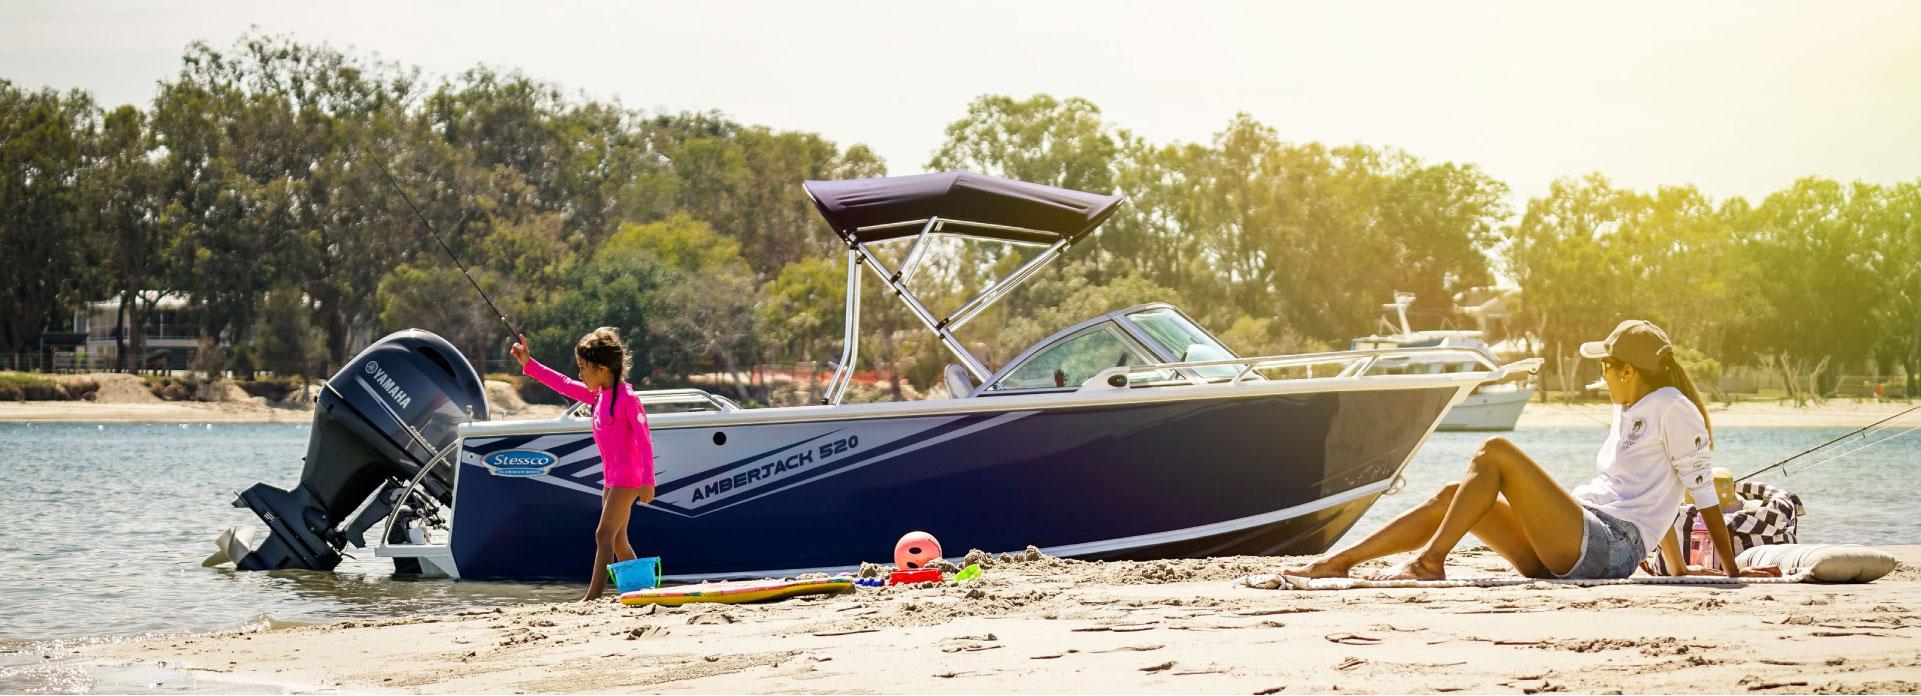 Australian Made Aluminium Boats - Stessco